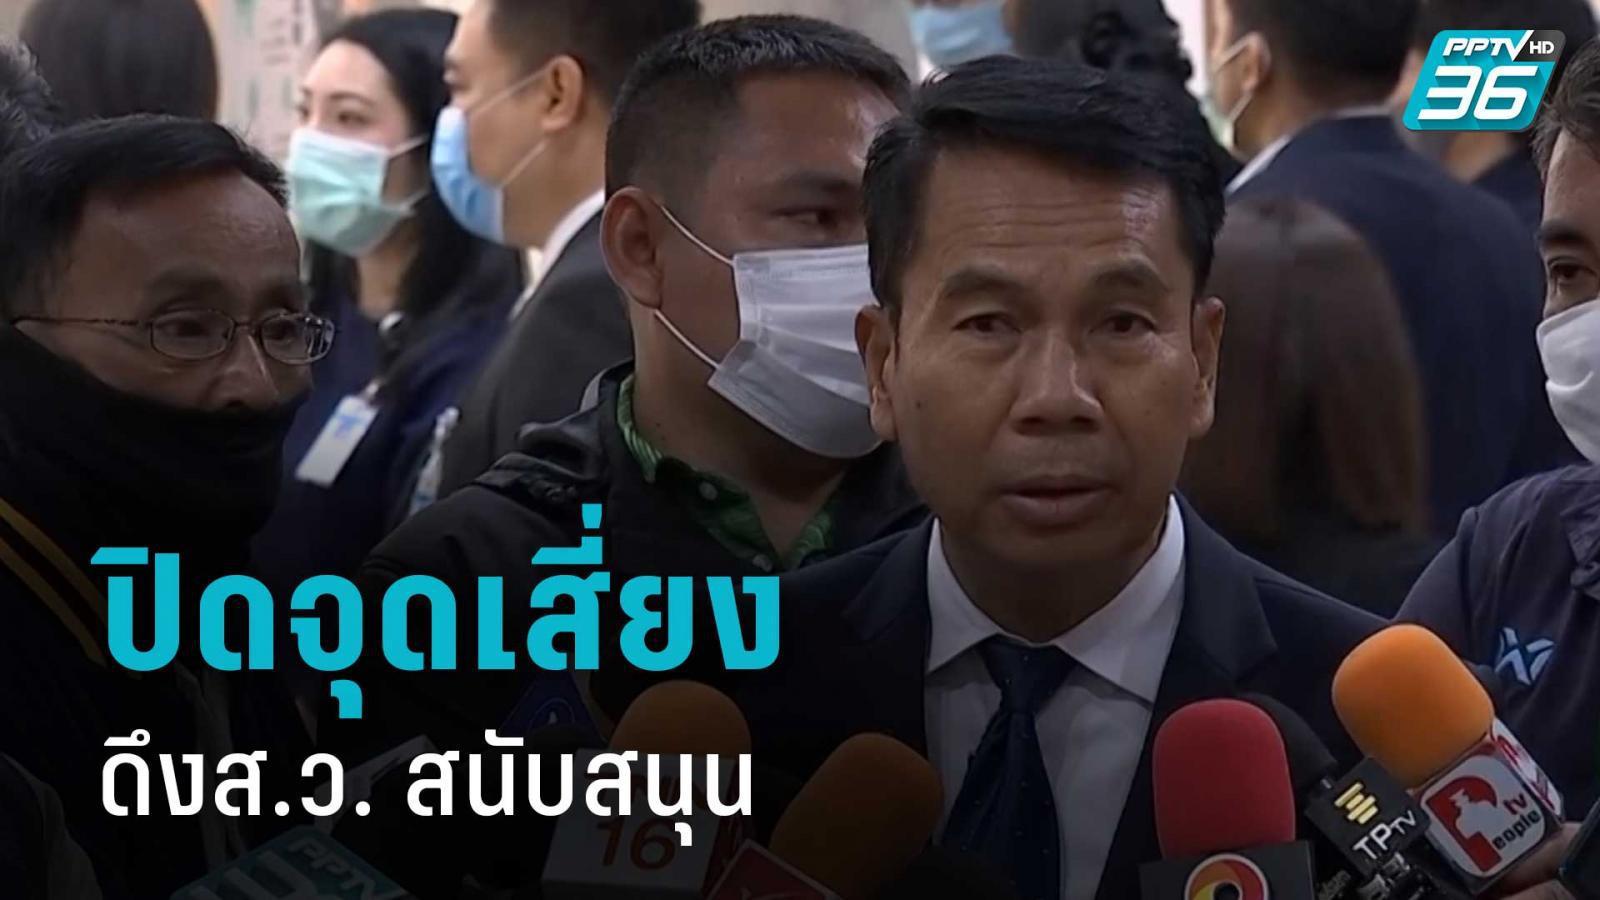 """""""เพื่อไทย"""" หวั่น ส.ว.ล้มแก้รัฐธรรมนูญ เตือนข้อเสนอ """"ก้าวไกล"""" จอดยกแรก"""